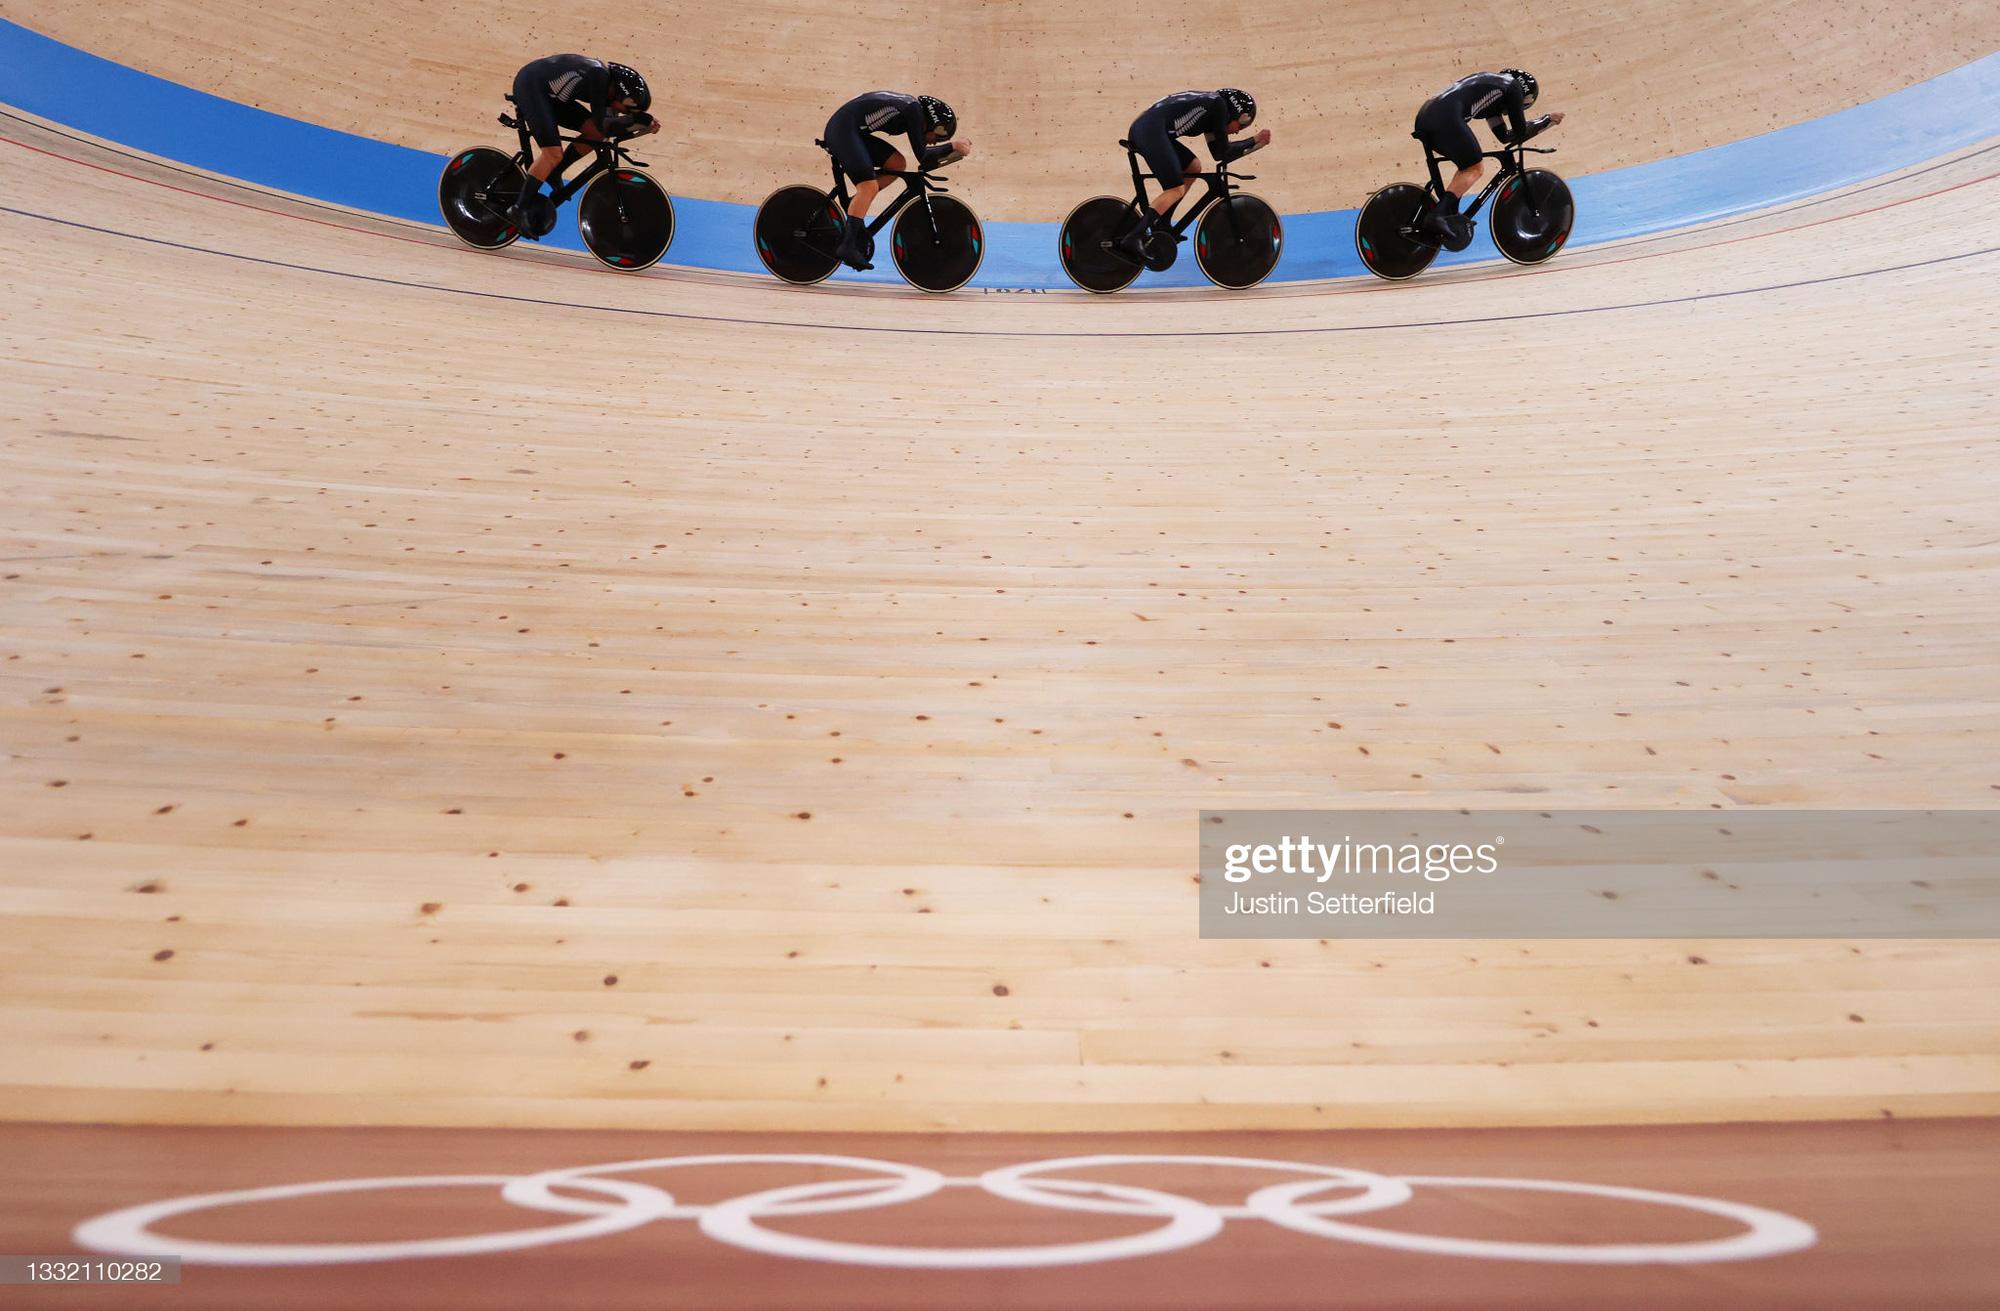 Những góc ảnh đẹp ngỡ ngàng ở Olympic Tokyo 2020 - Ảnh 3.